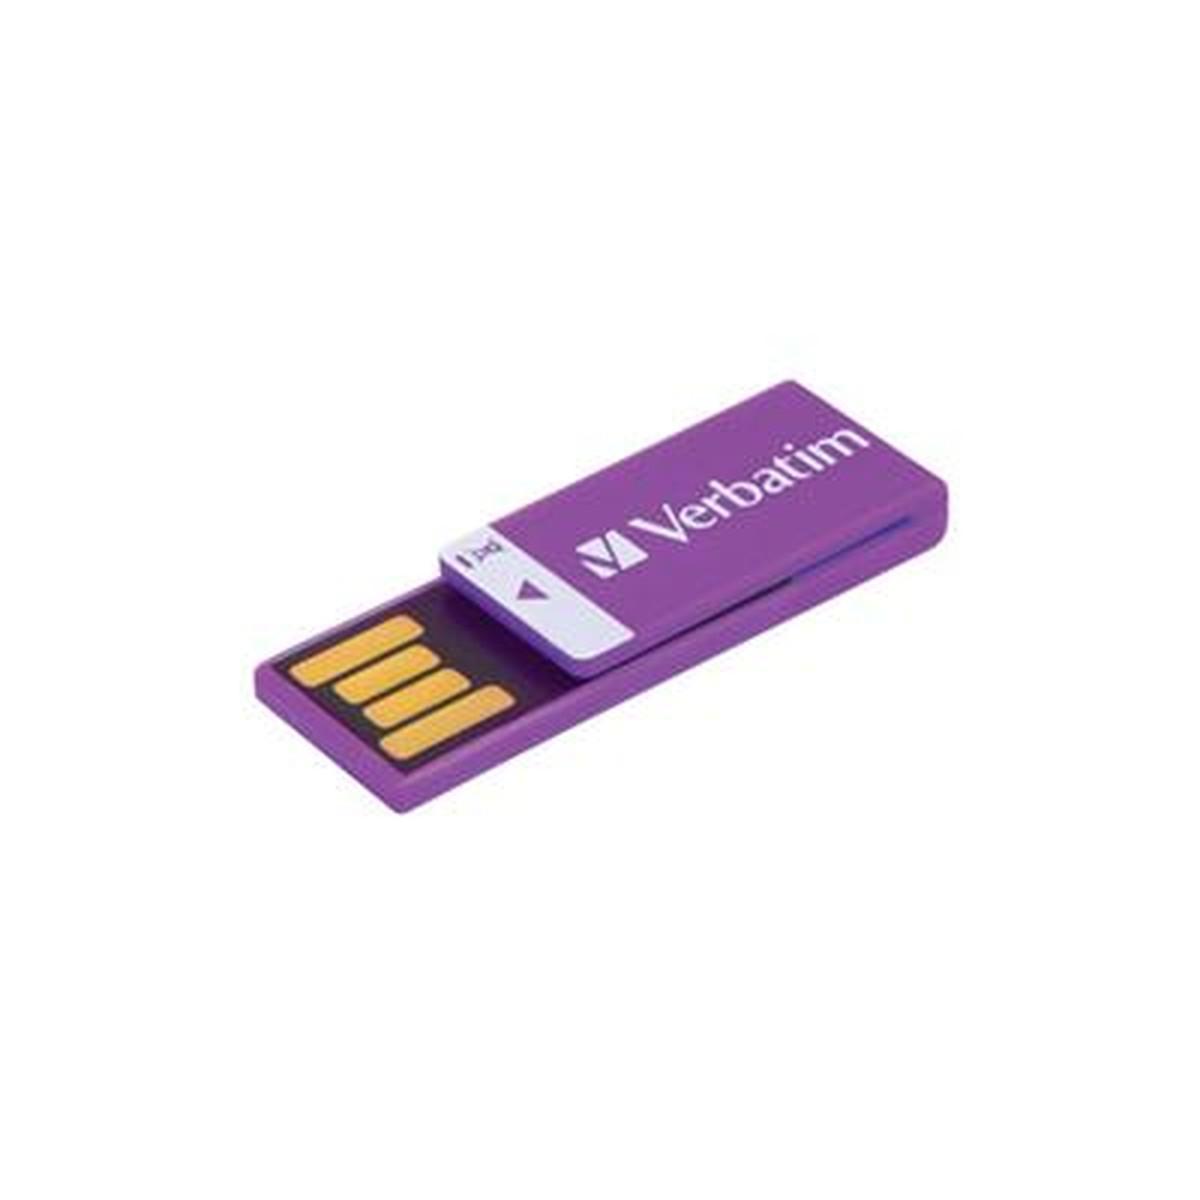 16GB Clip it USB Flash Drive V